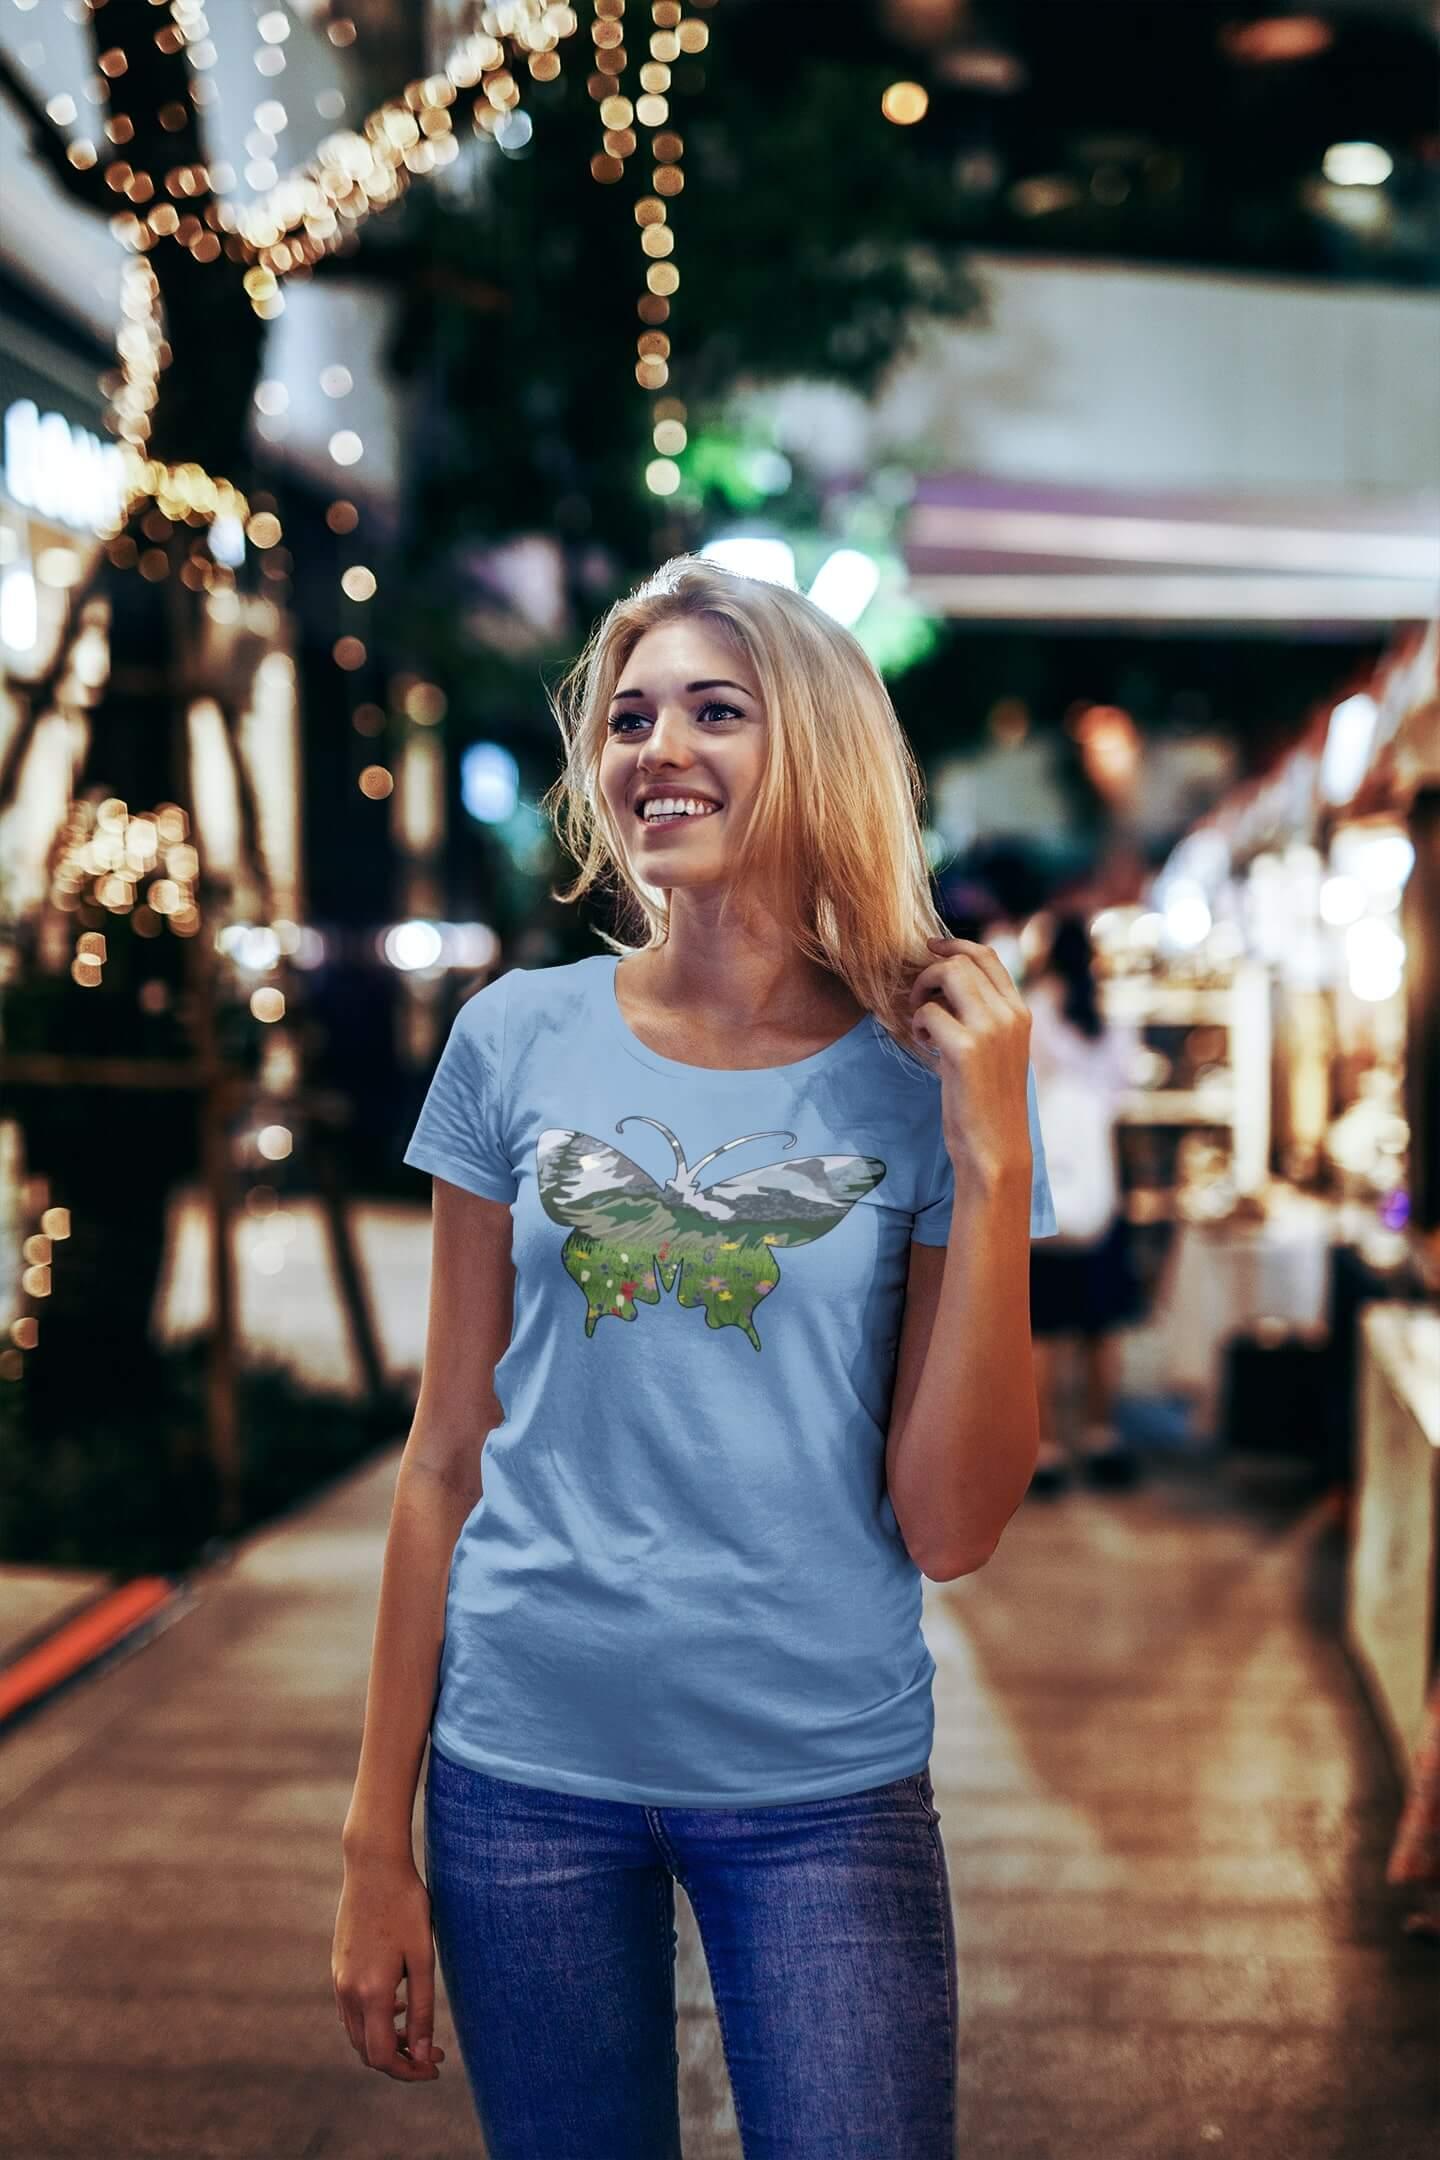 MMO Dámske tričko Motýľ Vyberte farbu: Svetlomodrá, Vyberte veľkosť: S